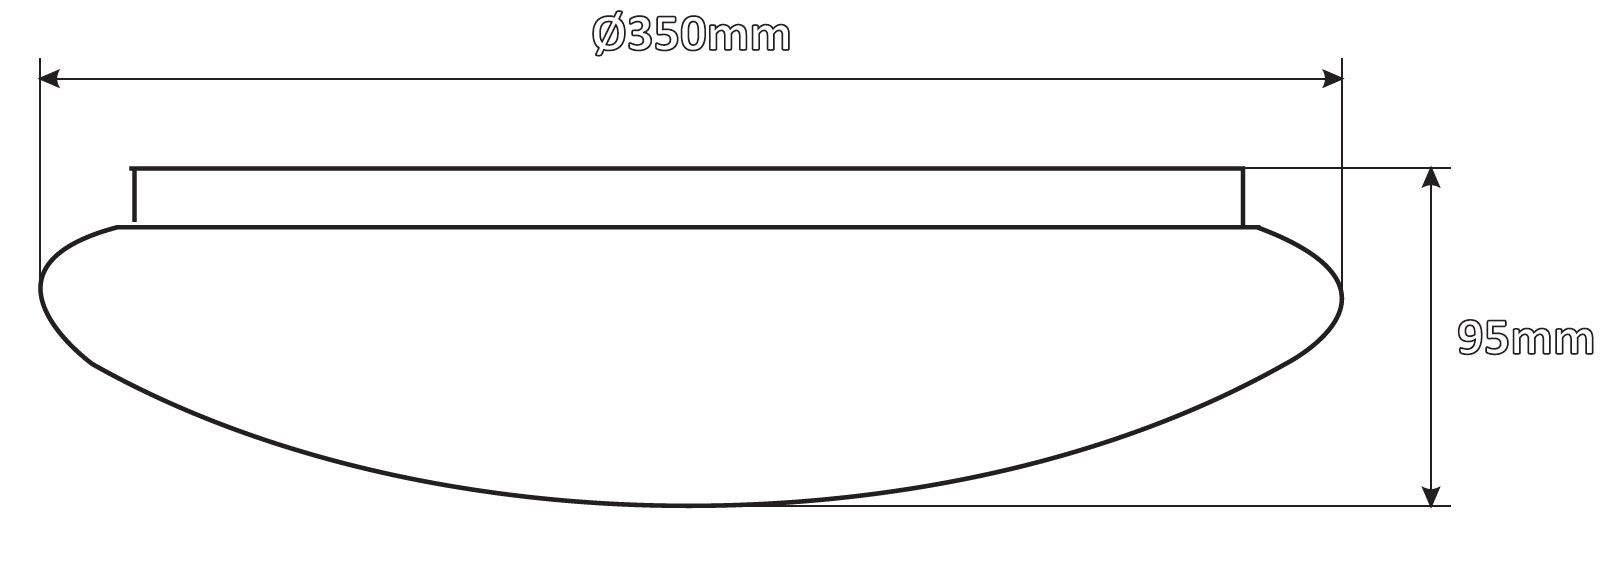 LED Plafoon  NX liikumisanduriga valge  24W 1440lm  120° IP20 päevavalge 4000K